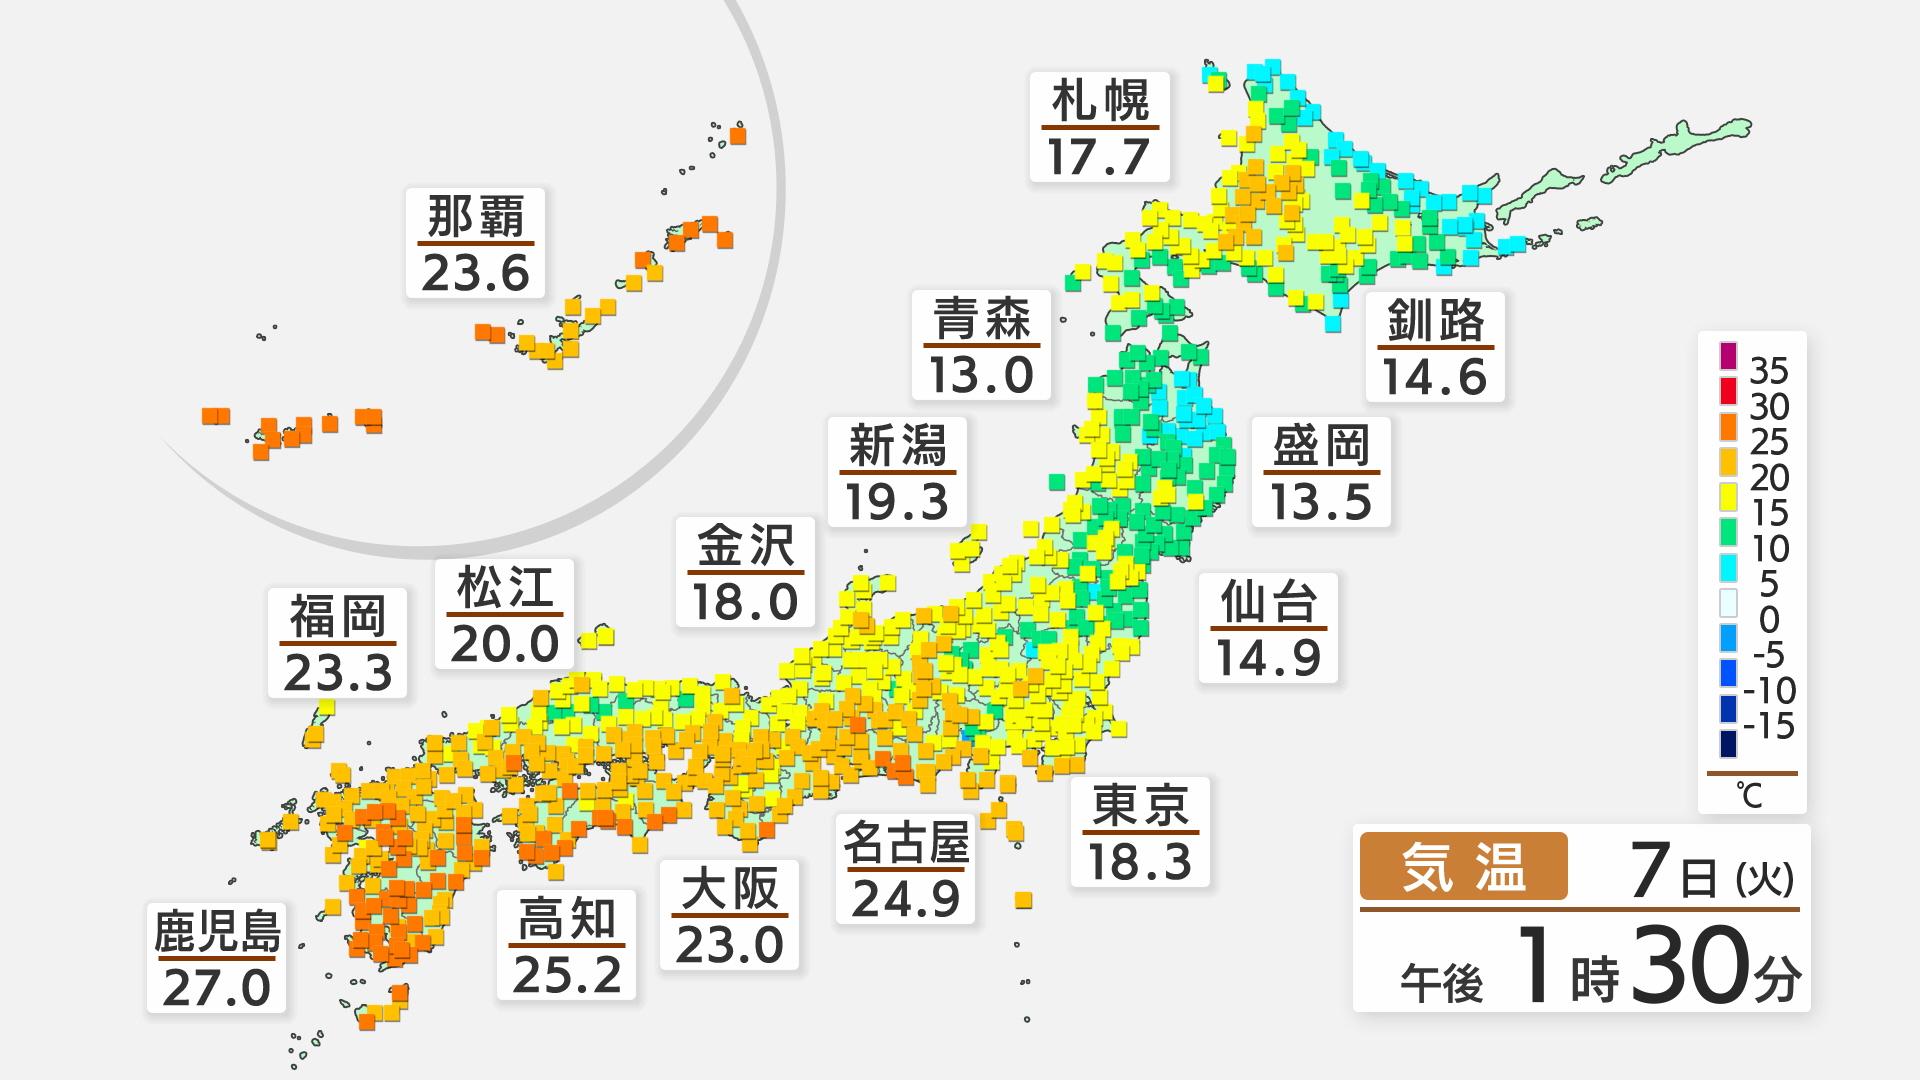 全国の天気 >> 天気予報 >> 気温(最新)